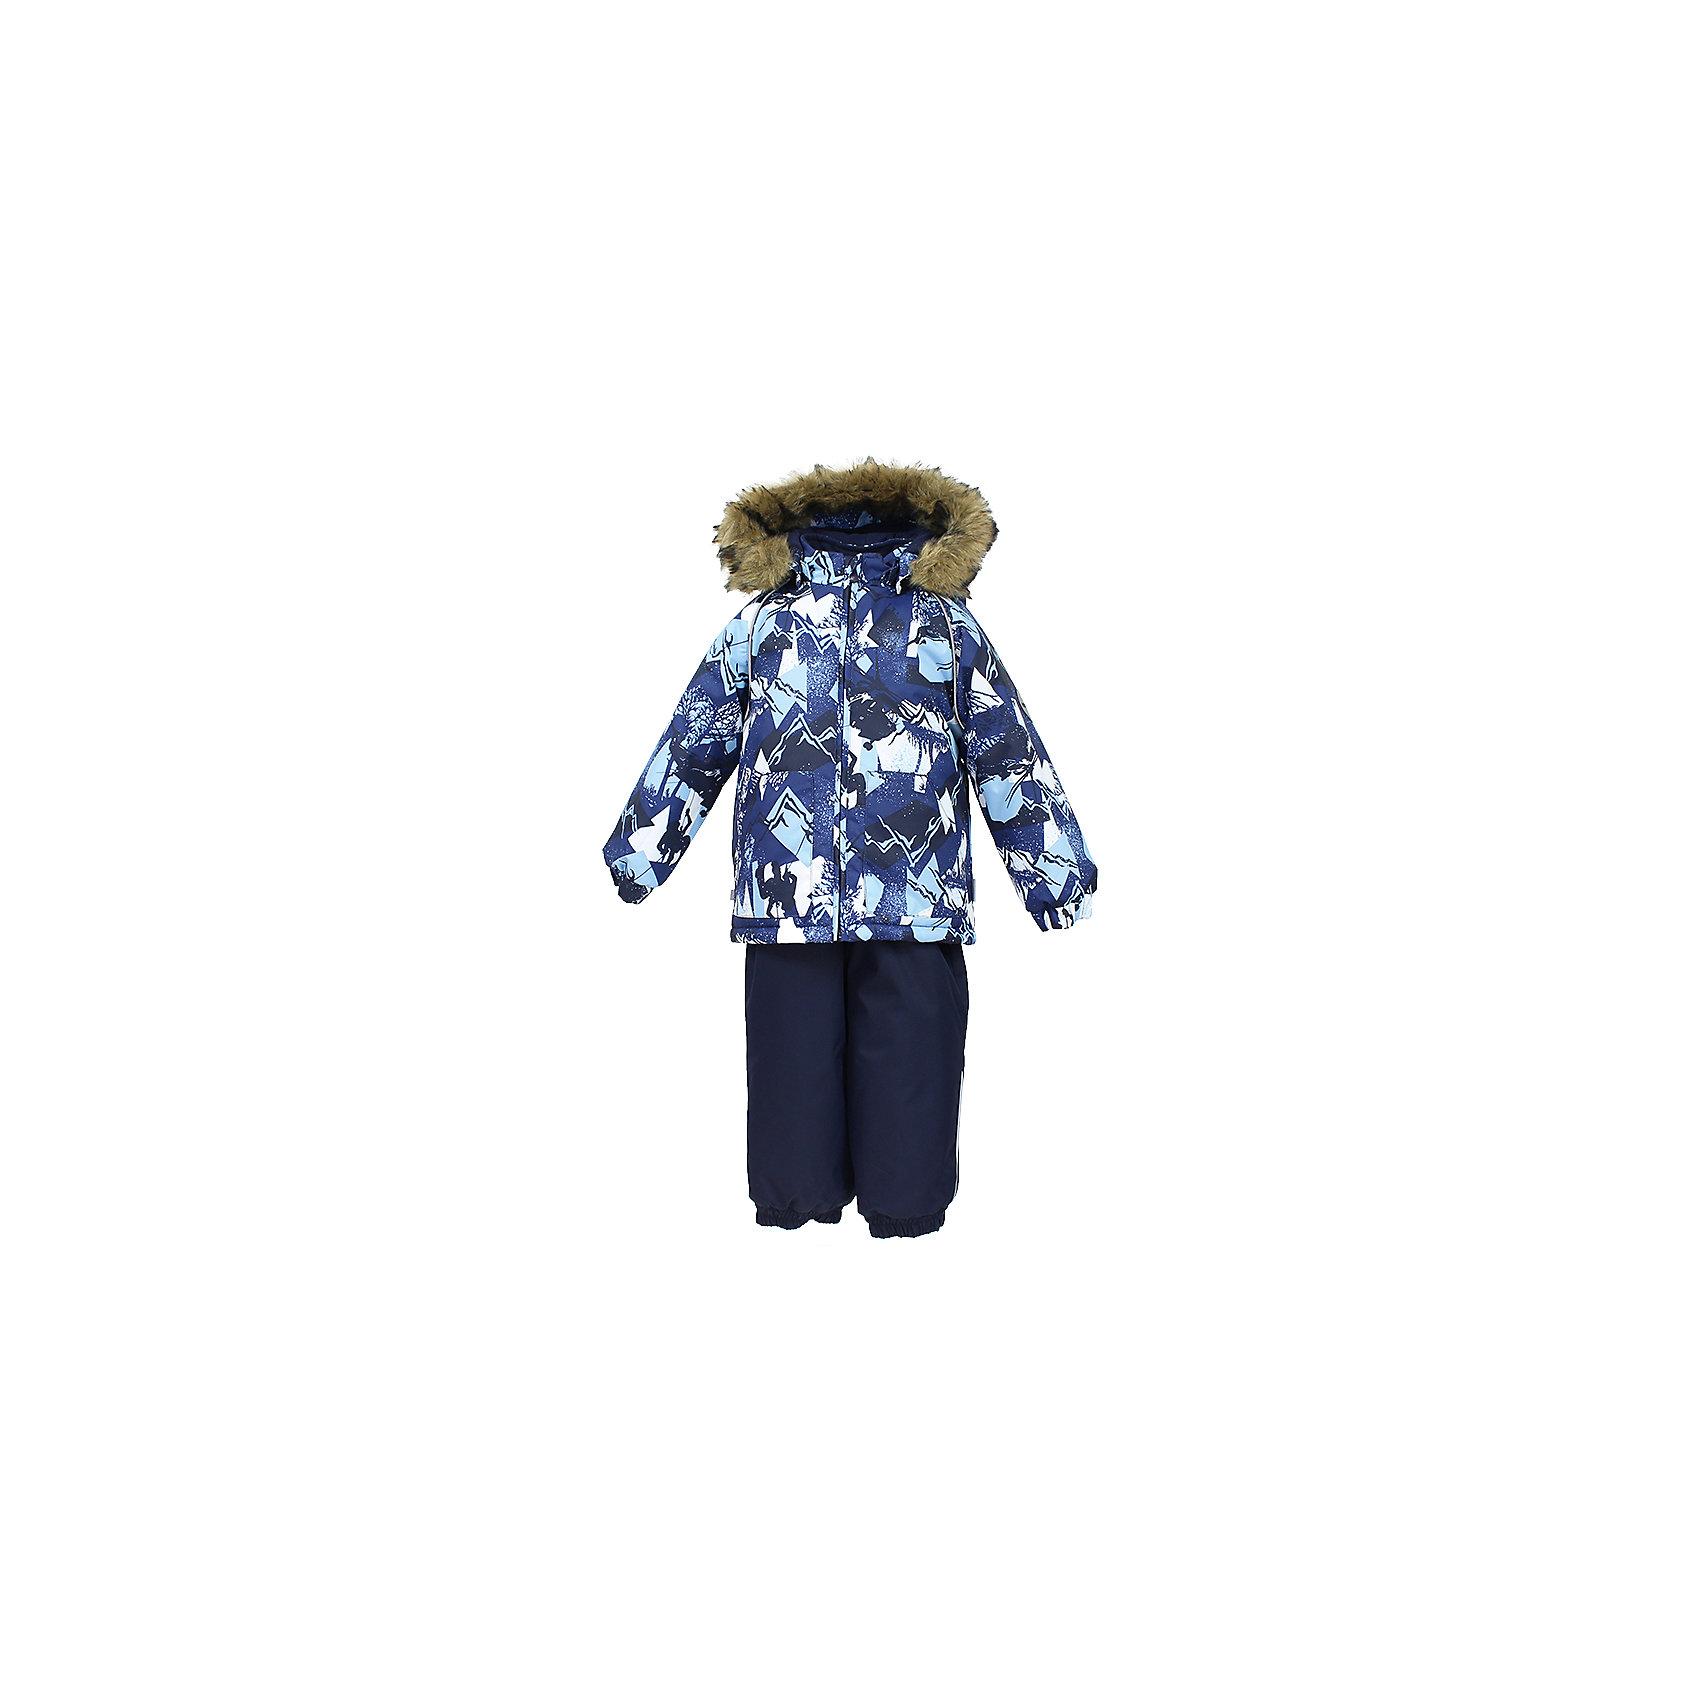 Комплект: куртка и брюки AVERY HuppaКомплекты<br>Характеристика товара:<br><br>• цвет: синий<br>• температурный режим: от -0 до-30;<br>• утеплитель: куртка:300 грамм, брюки:160 грамм(100% полиэстер);<br>• подкладка: 100% хлопок;<br>• воздухопроницаемость: 5 000 мм куртка / 10 000 мм брюки;<br>• водонепроницаемость:  5 000 мм куртка / 10 000 мм брюки;<br>• застежка: молния;<br>• меховая опушка из искуственного меха;<br>• шаговый шов – проклеен;<br>• капюшон съемный;<br>• подтяжки на полукомбинезоне – резинки;<br>• светоотражающие детали;<br>• производитель: HUPPA (Эстония)<br><br>Красивый зимний комплект AVERY для детей младшего возраста. Легкая, но очень теплая куртка из мягкой мембранной ткани не содержит лишних деталей. В модели 300 грамм утеплителя, а значит, вы можете быть уверены, что ваш малыш не замерзнет на прогулке в морозную погоду, даже если будет двигаться не слишком активно. Комплект для малышей AVERY благодаря простым манжетам на резинке и удобной молнии легко надевать и застегивать. Капюшон с меховой опушкой сделан в форме забавного колпачка и при желании отстегивается. <br><br>Практичный однотонный полукомбинезон темного цвета выполнен из более прочной мембраны и скроен без внутренних швов, для лучшей защиты от истирания и попадания влаги. Задний шов проклеен, также для дополнительной защиты от влаги. Манжеты по низу брюк и тканевые штрипки на ботинки надежно фиксируют брюки и защищают от попадания снега. На костюмах AVERY светоотражающие элементы делают вашего ребенка более заметным на улице, даже в условиях плохой видимости и в темное время суток.<br><br>Комплект для малышей AVERY можно купить в нашем интернет-магазине.<br><br>Ширина мм: 356<br>Глубина мм: 10<br>Высота мм: 245<br>Вес г: 519<br>Цвет: синий<br>Возраст от месяцев: 36<br>Возраст до месяцев: 48<br>Пол: Унисекс<br>Возраст: Детский<br>Размер: 104,80,86,92,98<br>SKU: 7027006